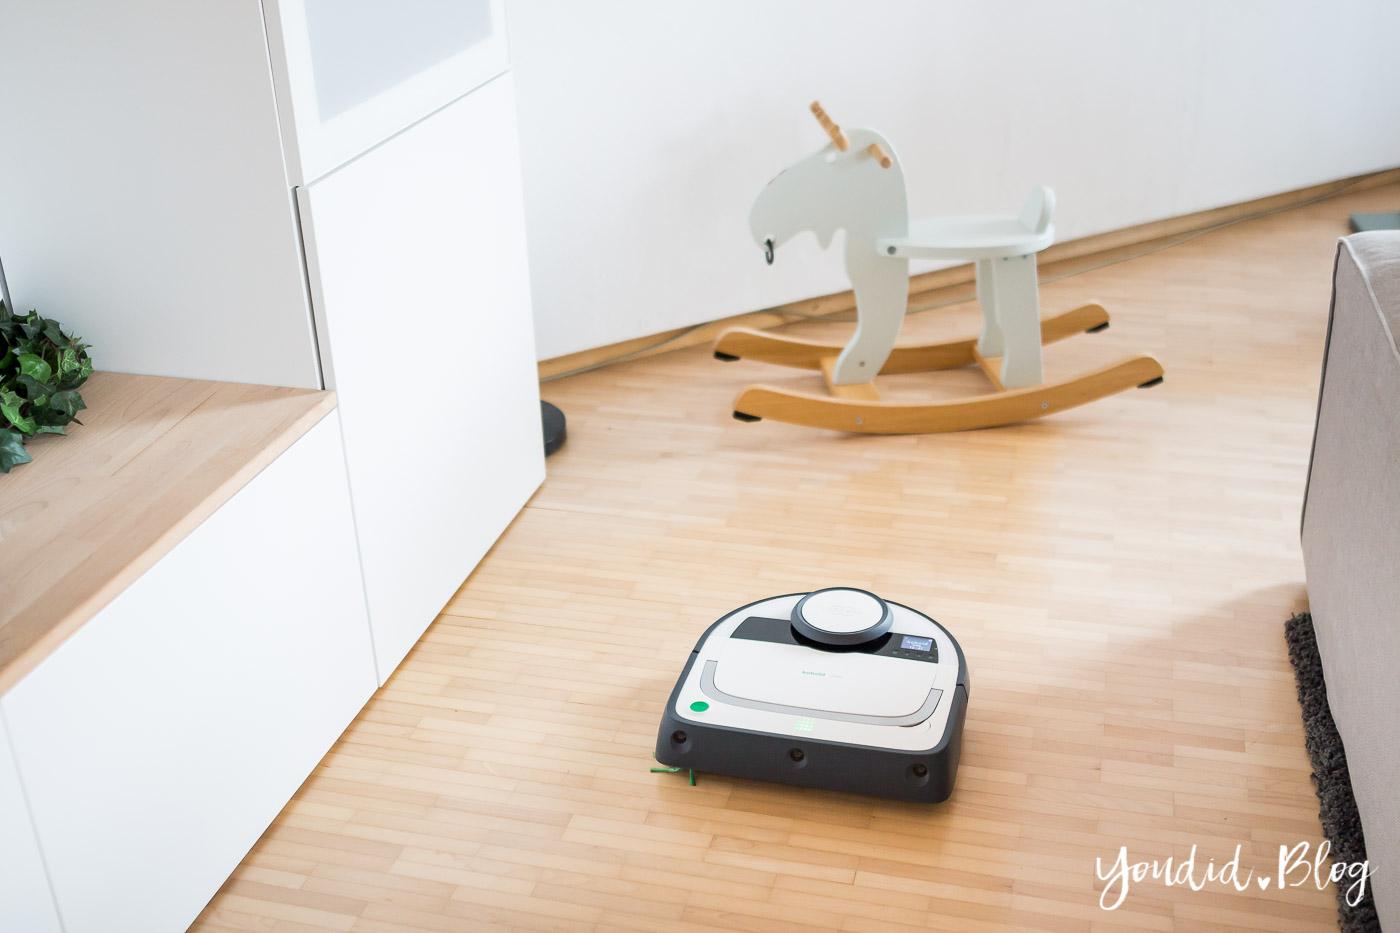 meine erfahrungen mit dem kobold vr200 saugroboter von vorwerk kostenloser putzplan youdid. Black Bedroom Furniture Sets. Home Design Ideas